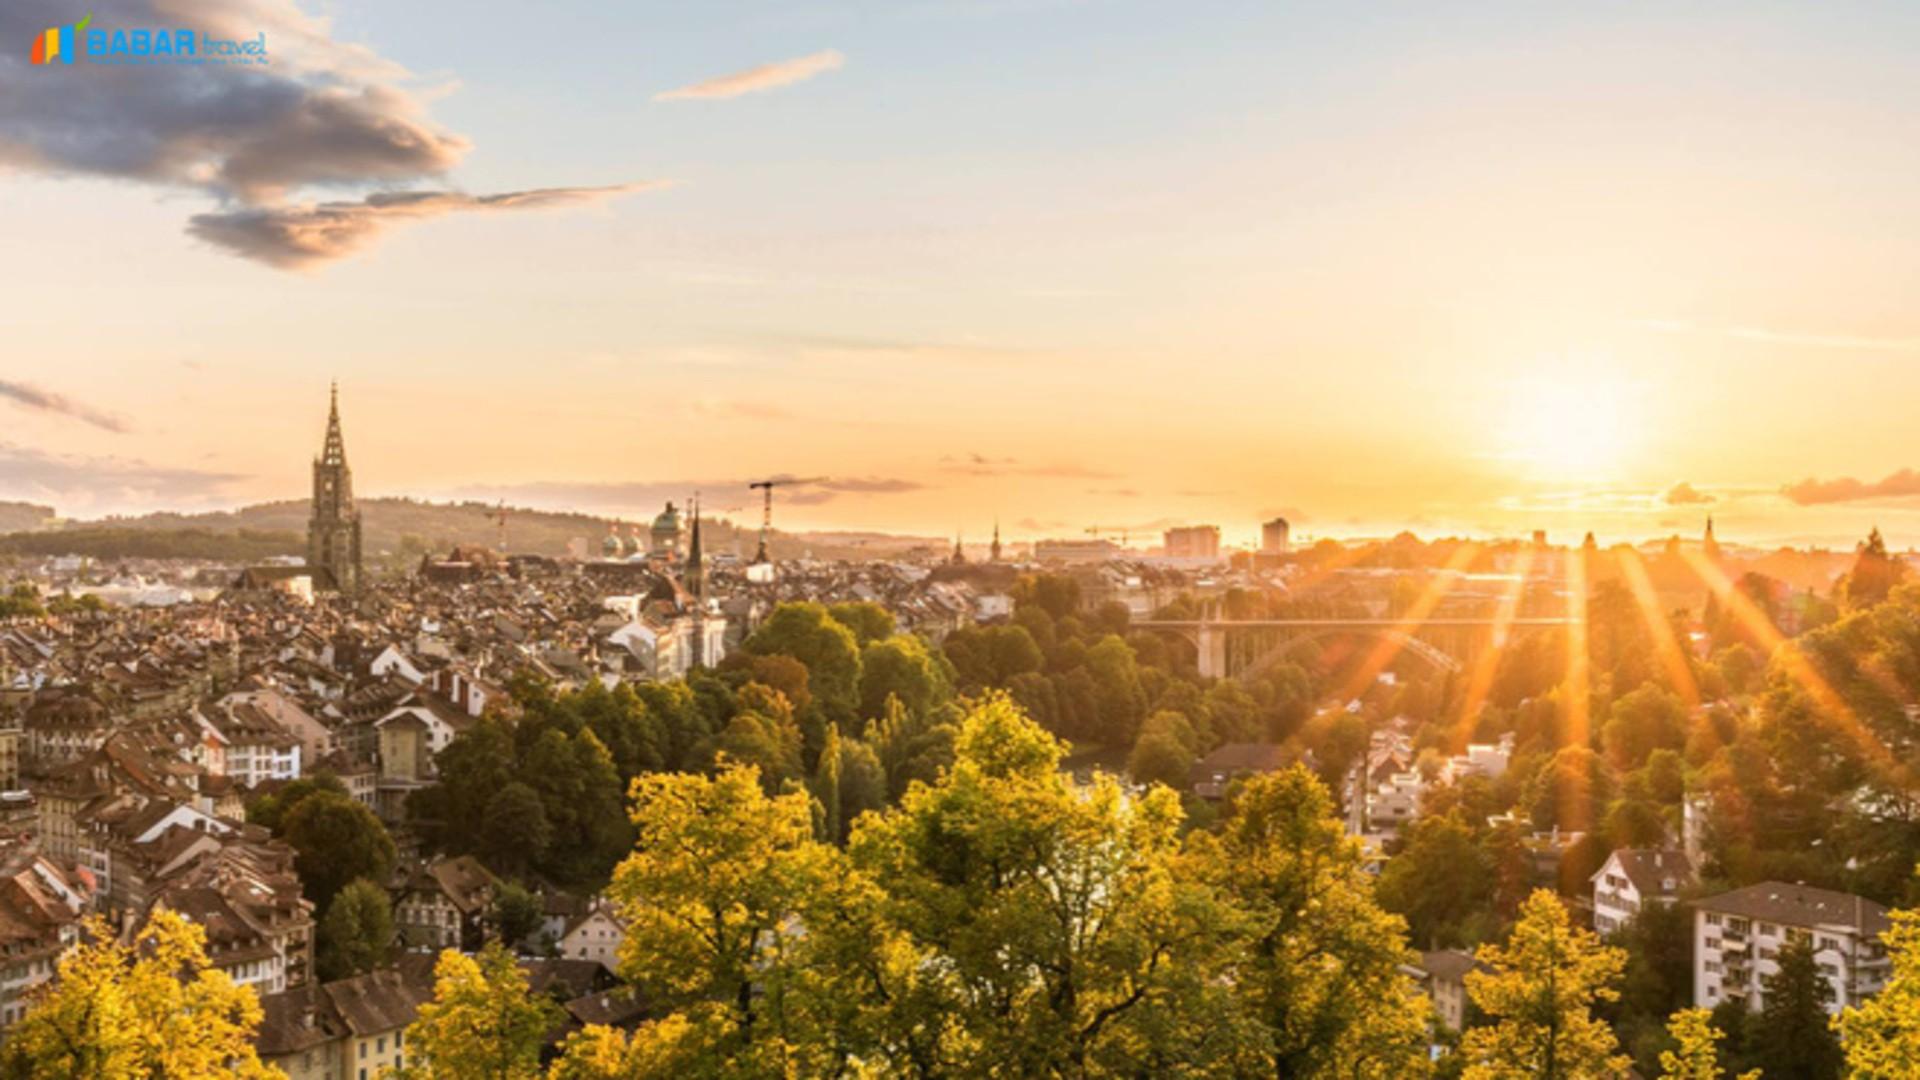 Bern - thành phố cổ kính và yên bình nhất Thụy Sĩ